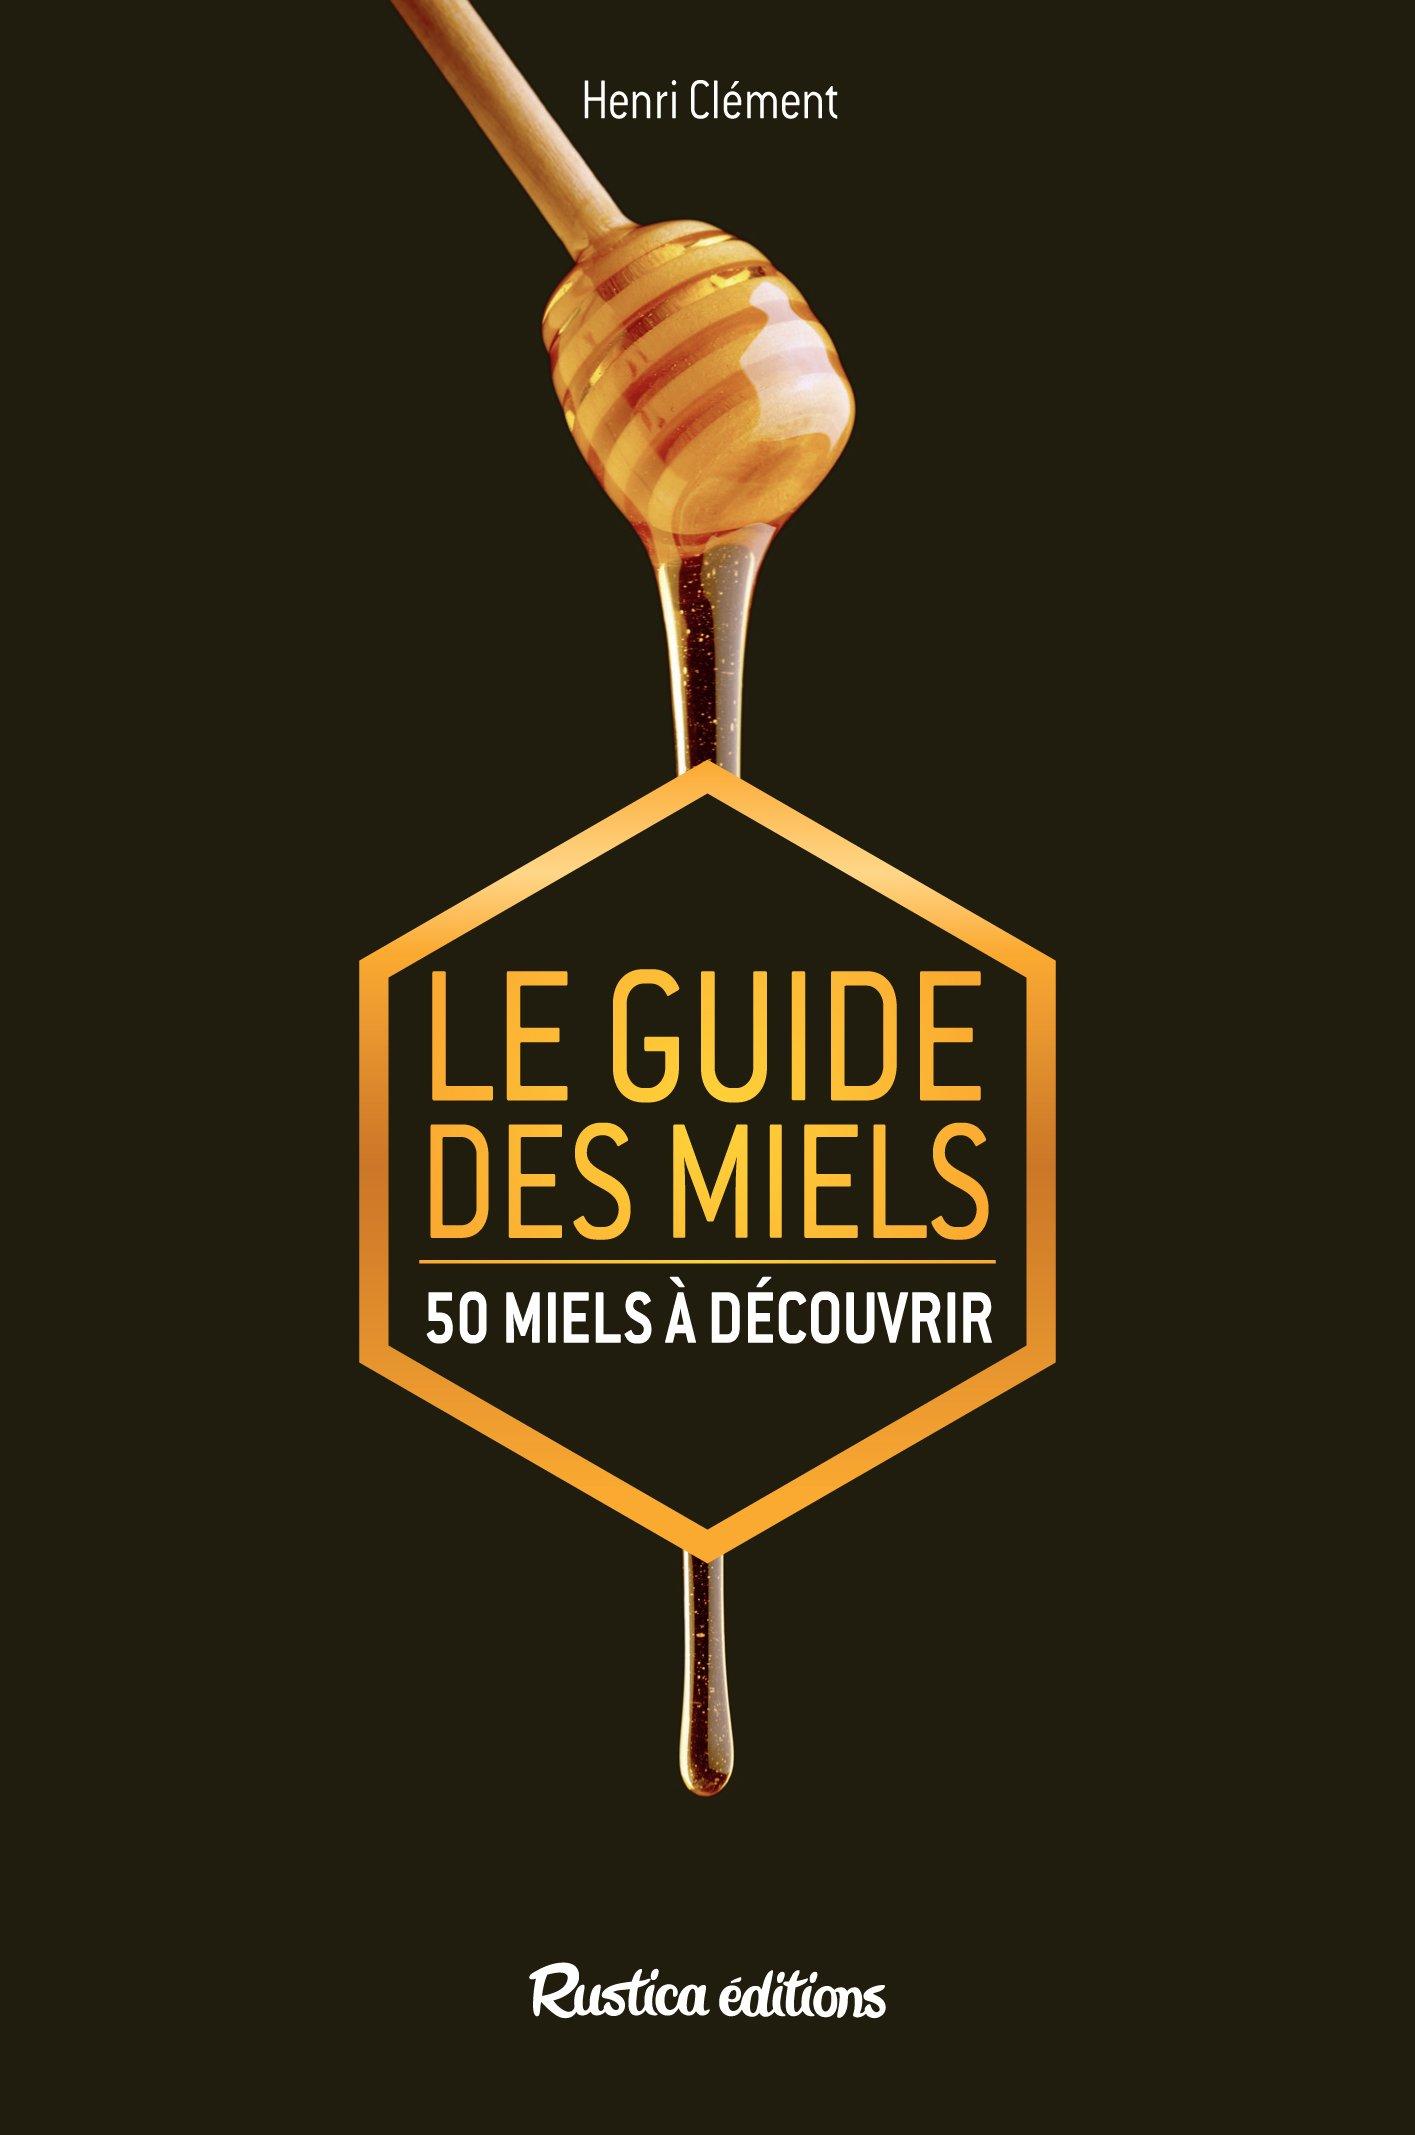 Le guide des miels : 50 miels à découvrir Poche – 10 mars 2015 Henri Clément RUSTICA 2815306441 Animaux